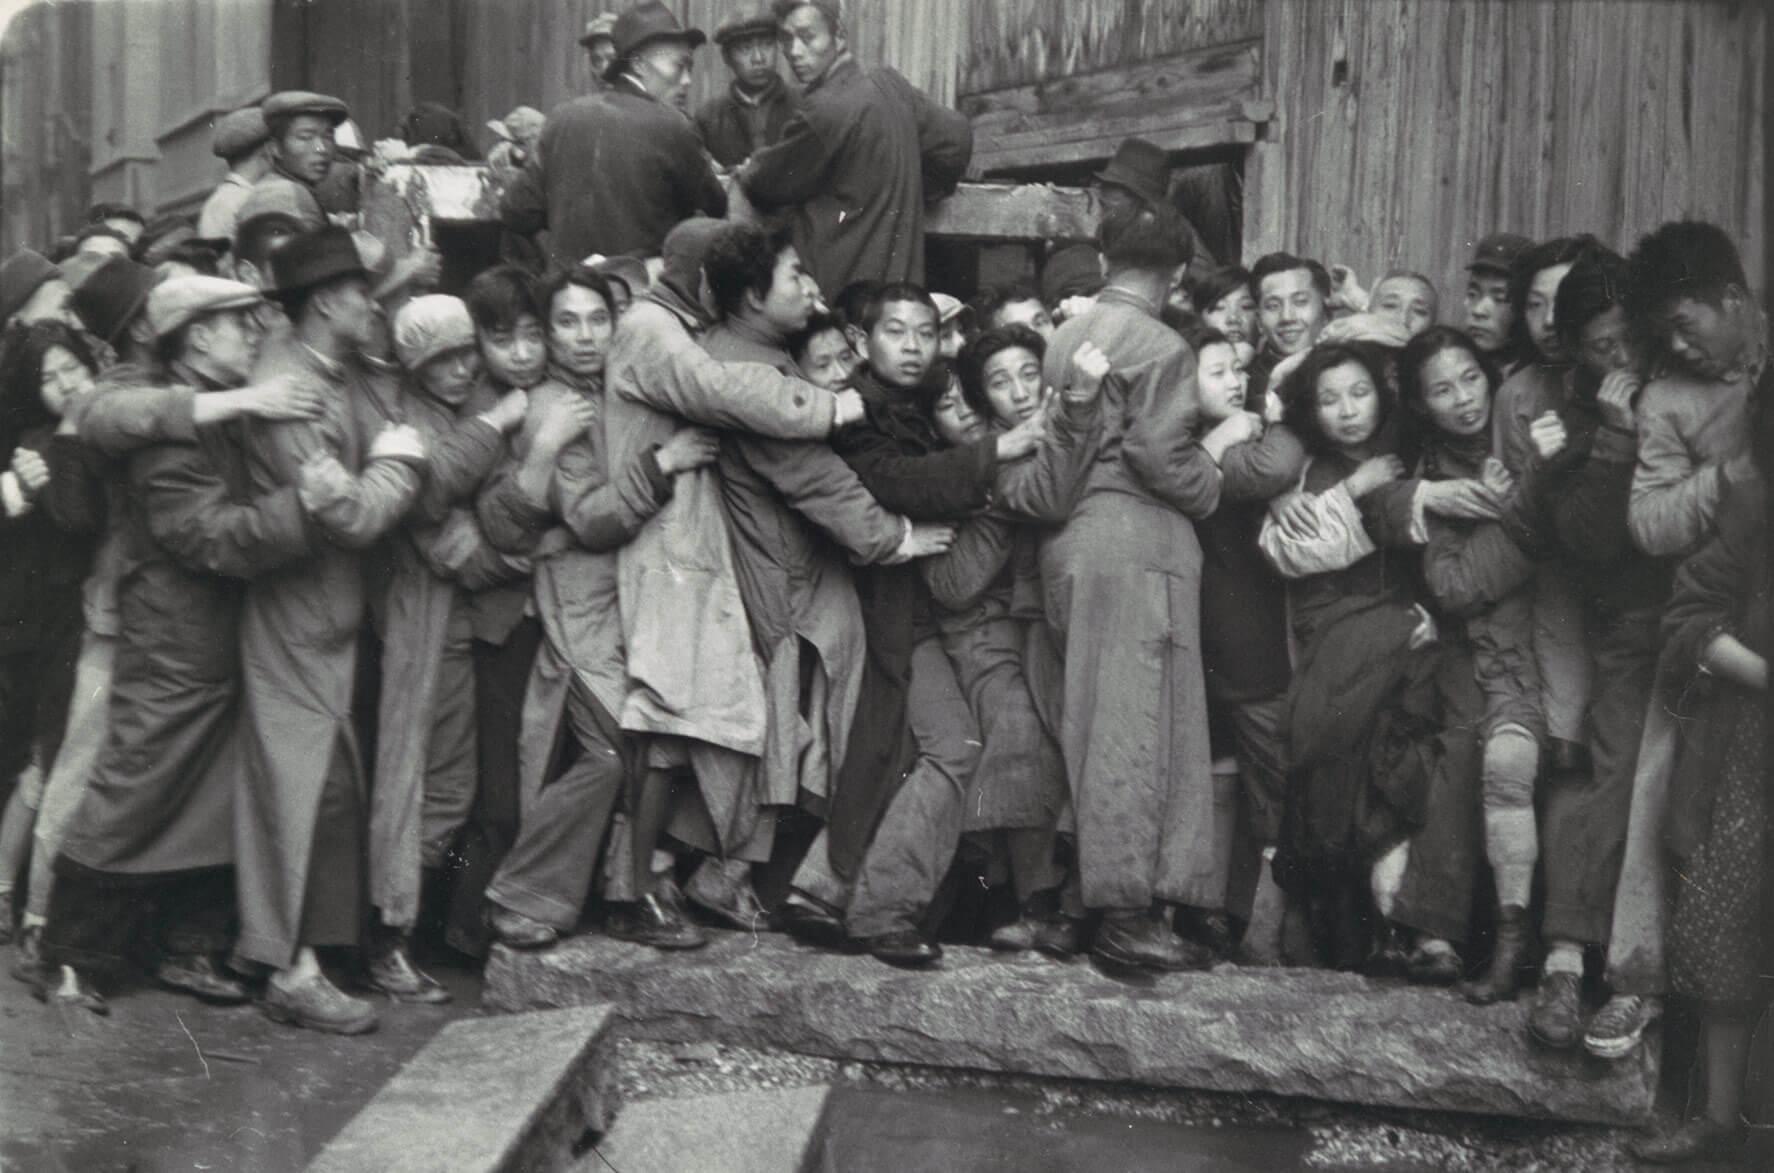 Shanghai, China, 1948